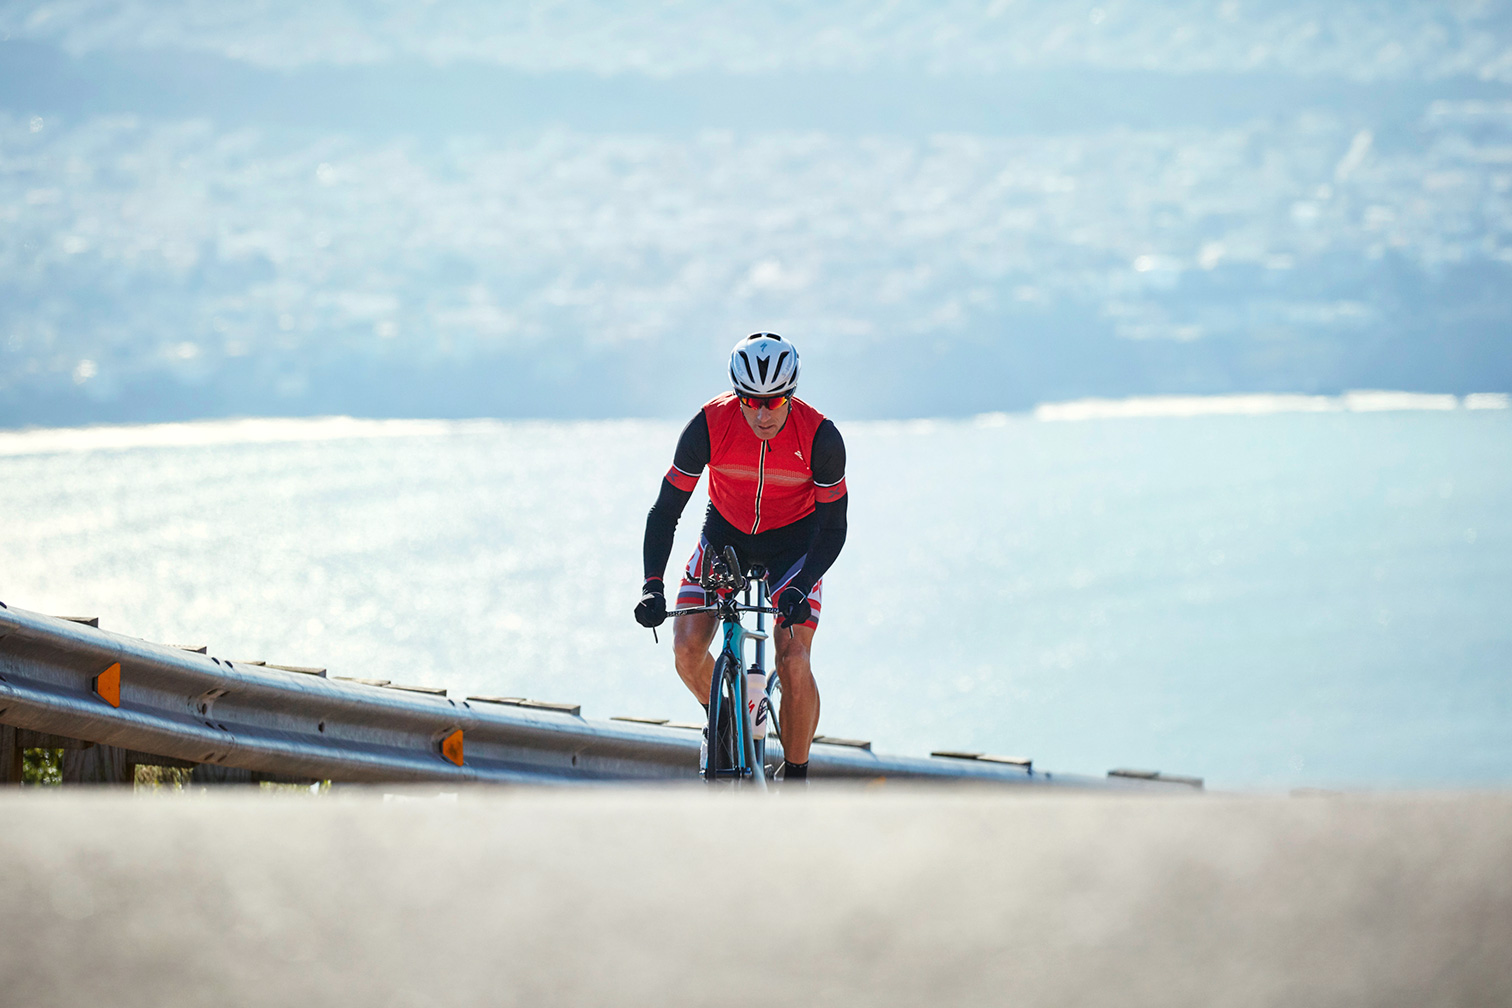 003 21x14-Oakley2015_Cycling_Climbing_HD00128.jpg